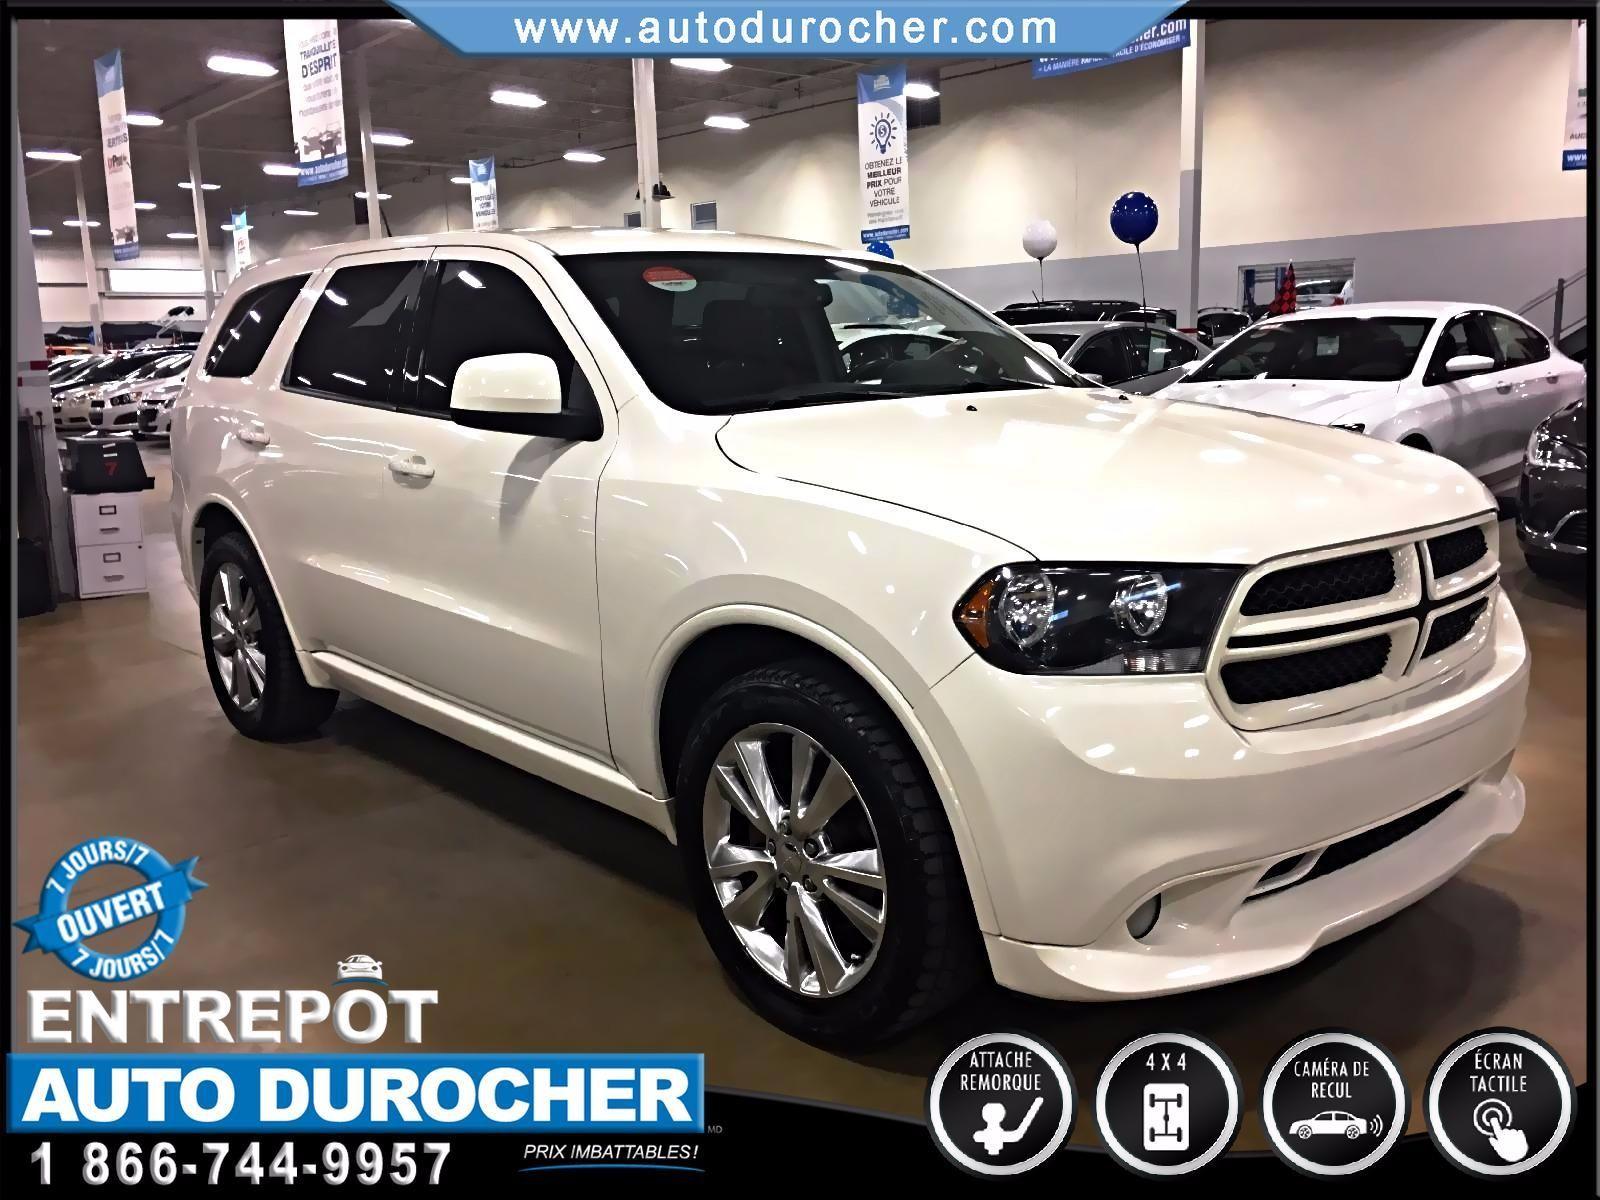 Dodge Durango HEAT AUTOMATIQUE AWD TOUT ÉQUIPÉ 7 PASSAGERS 2011